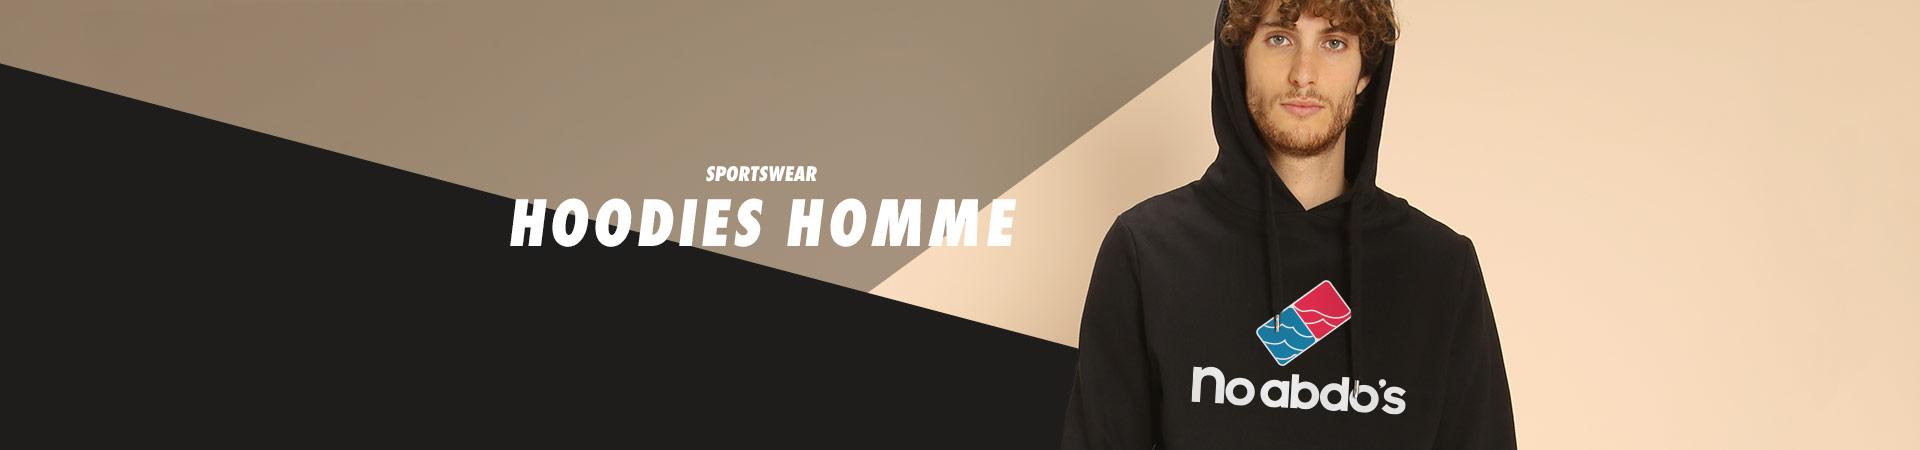 Hoodies Homme